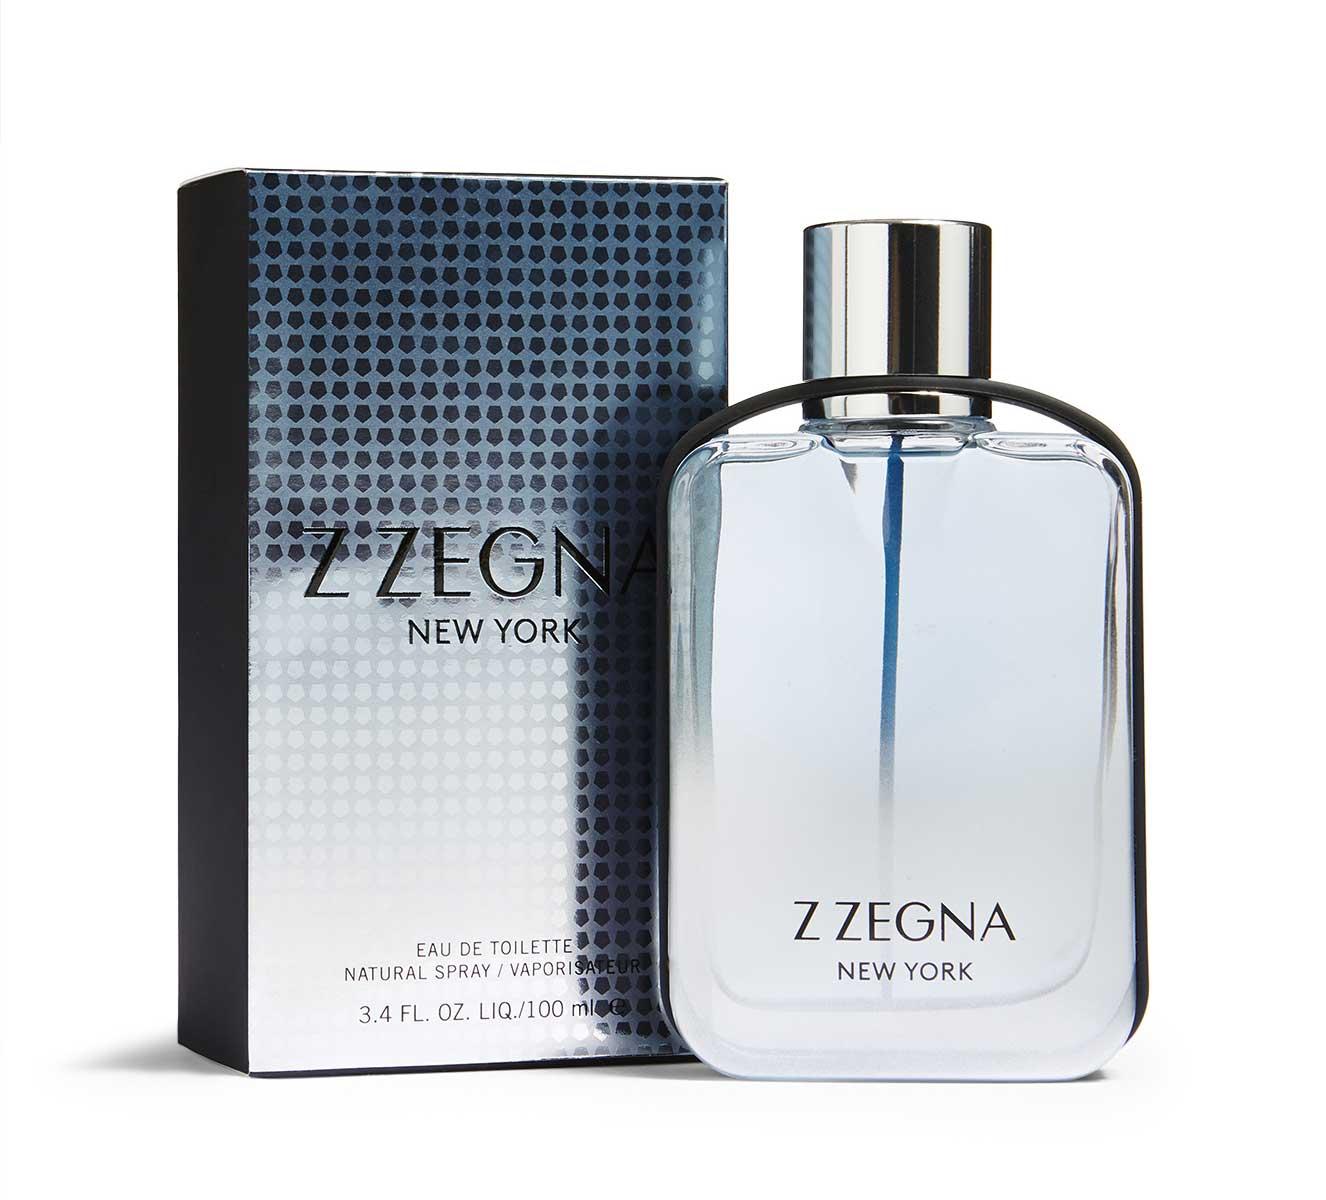 Z Zegna New York Ermenegildo Zegna cologne - a fragrance for men 2016 975a75ef8f6